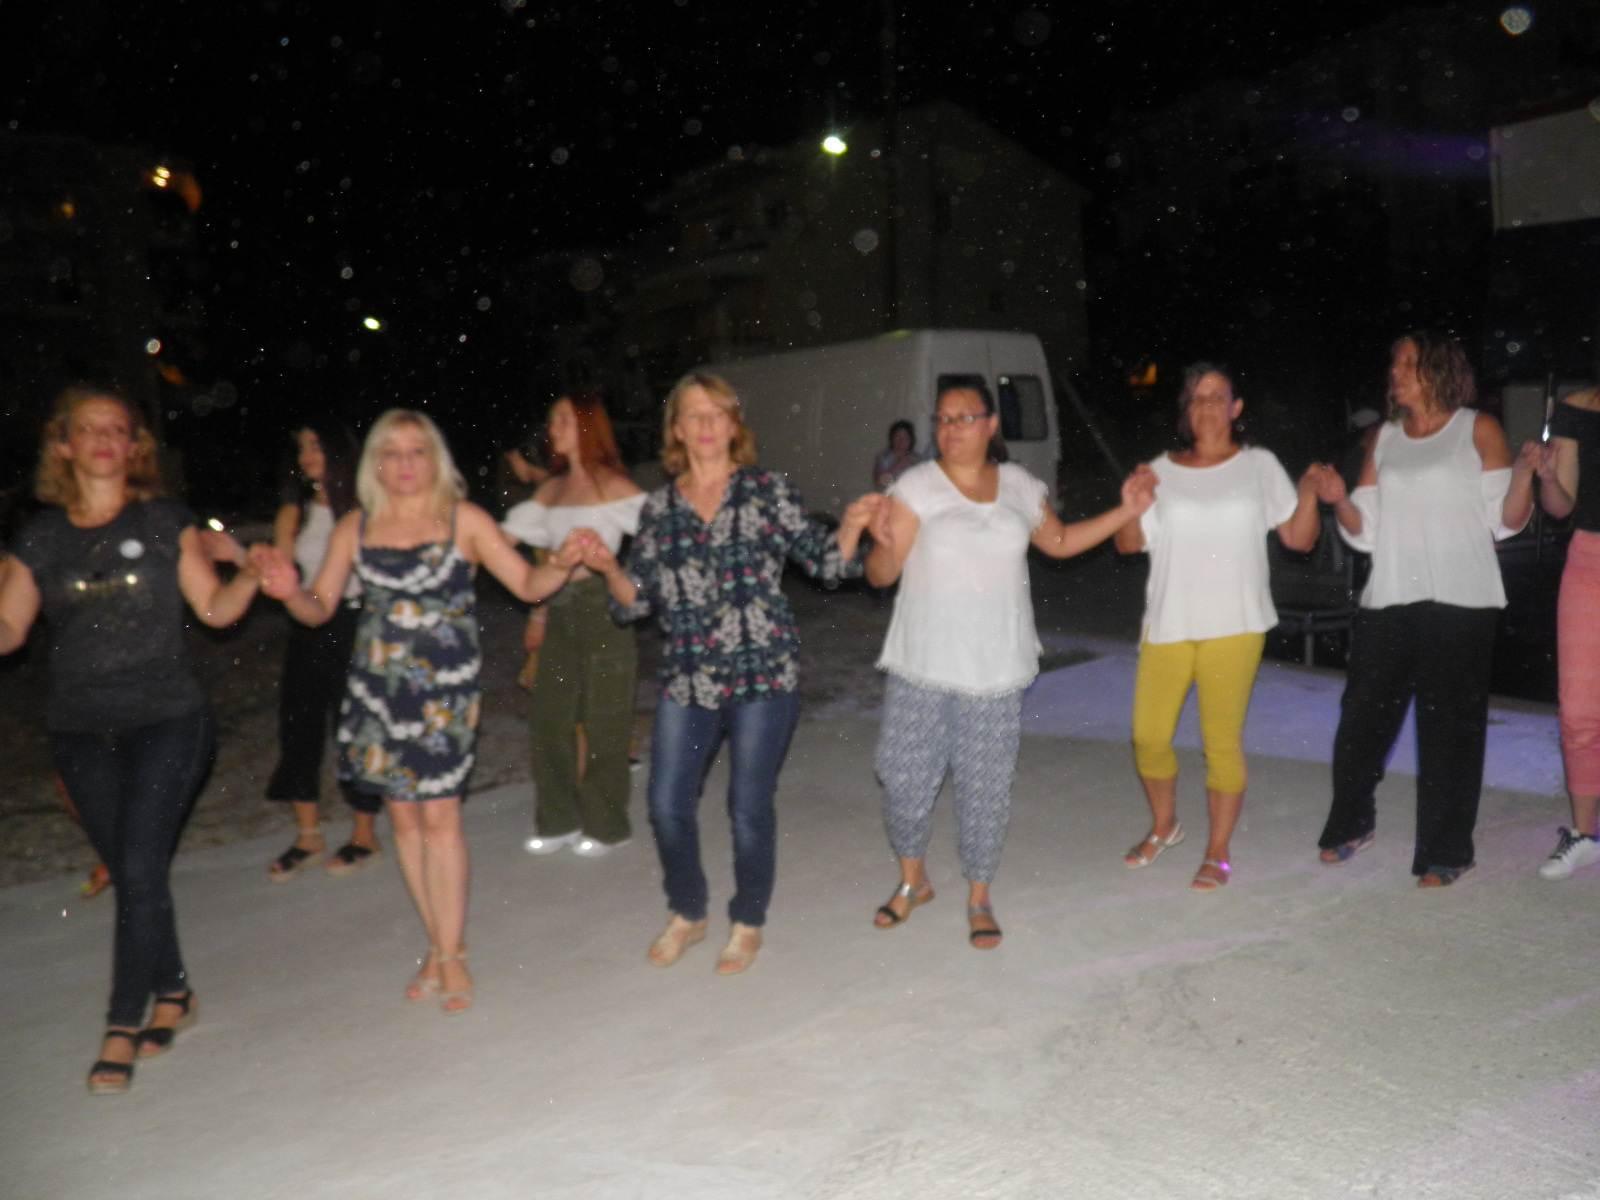 kozan.gr: Κοζάνη: Ξεκίνησαν, το βράδυ της Πέμπτης 22/8, οι πολιτιστικές εκδηλώσεις που διοργανώνει ο Πολιτιστικός Σύλλογος «Πλατάνια» (Βίντεο & Φωτογραφίες)